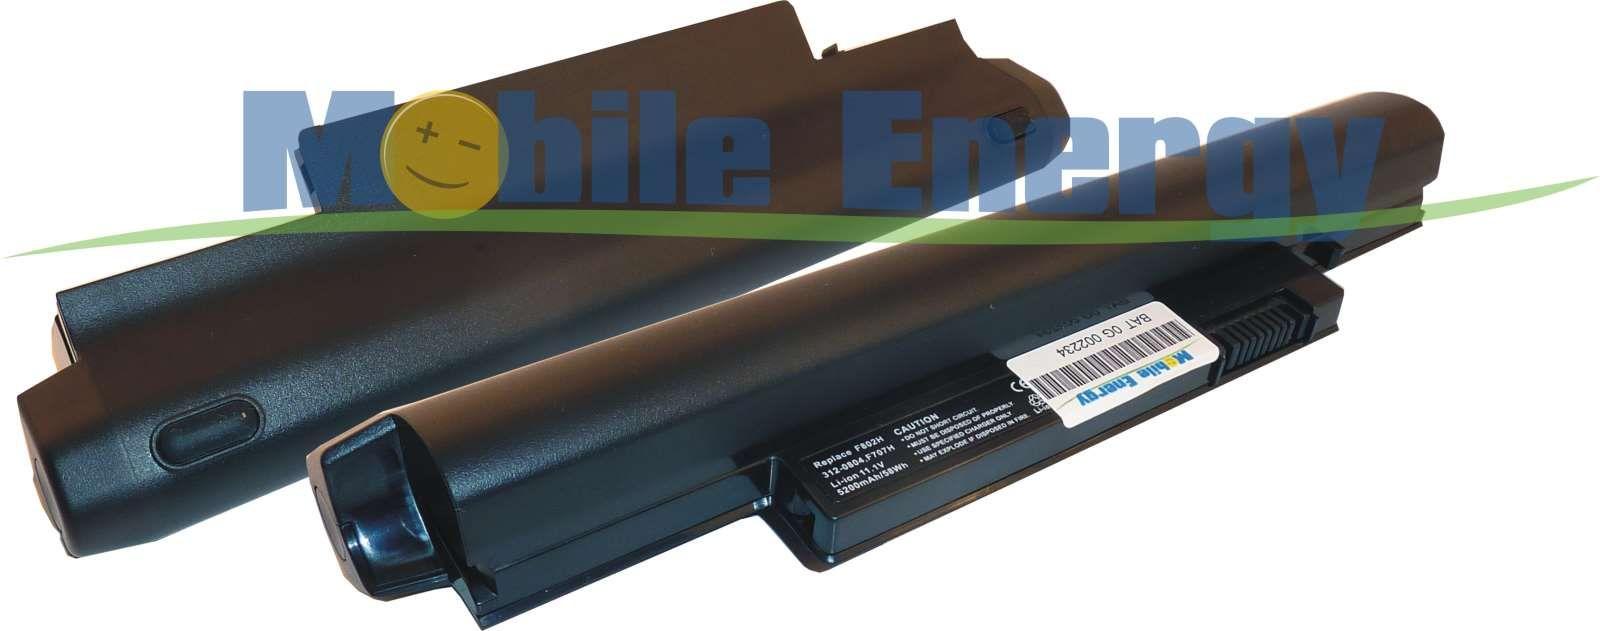 Mobile-Energy Baterie DELL Inspiron 1210 / Mini 12 - 11.1v 5200m